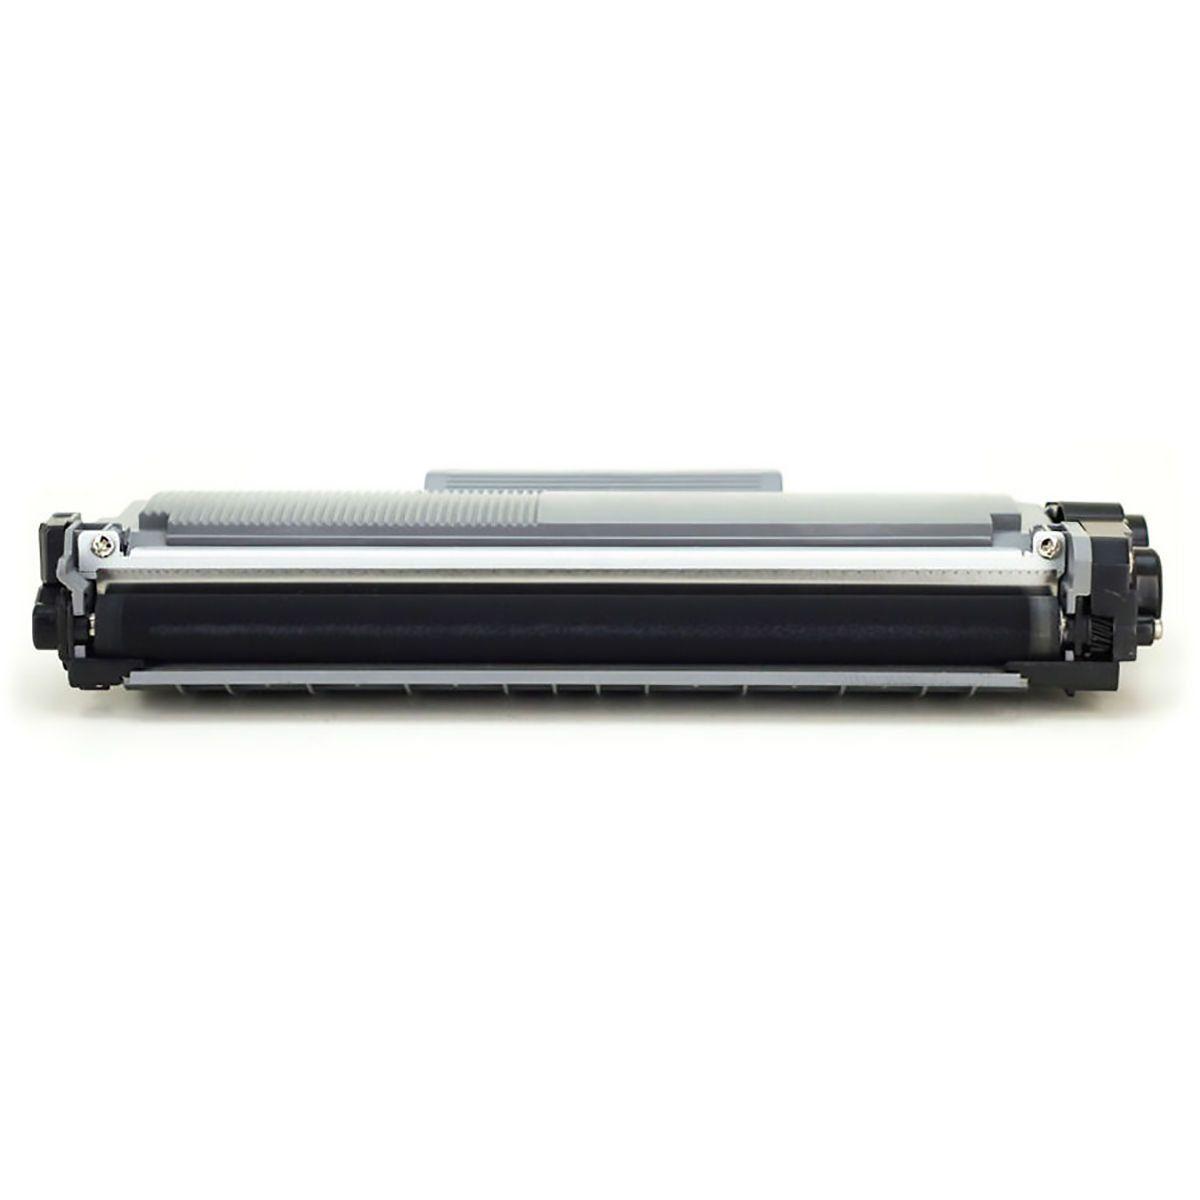 Compatível: Toner para Brother DCP-L2540dw MFC-L2740dw DCP-L2540 DCPL2540dw MFCL2740dw L2740 2540 2740 / Preto / 2.600